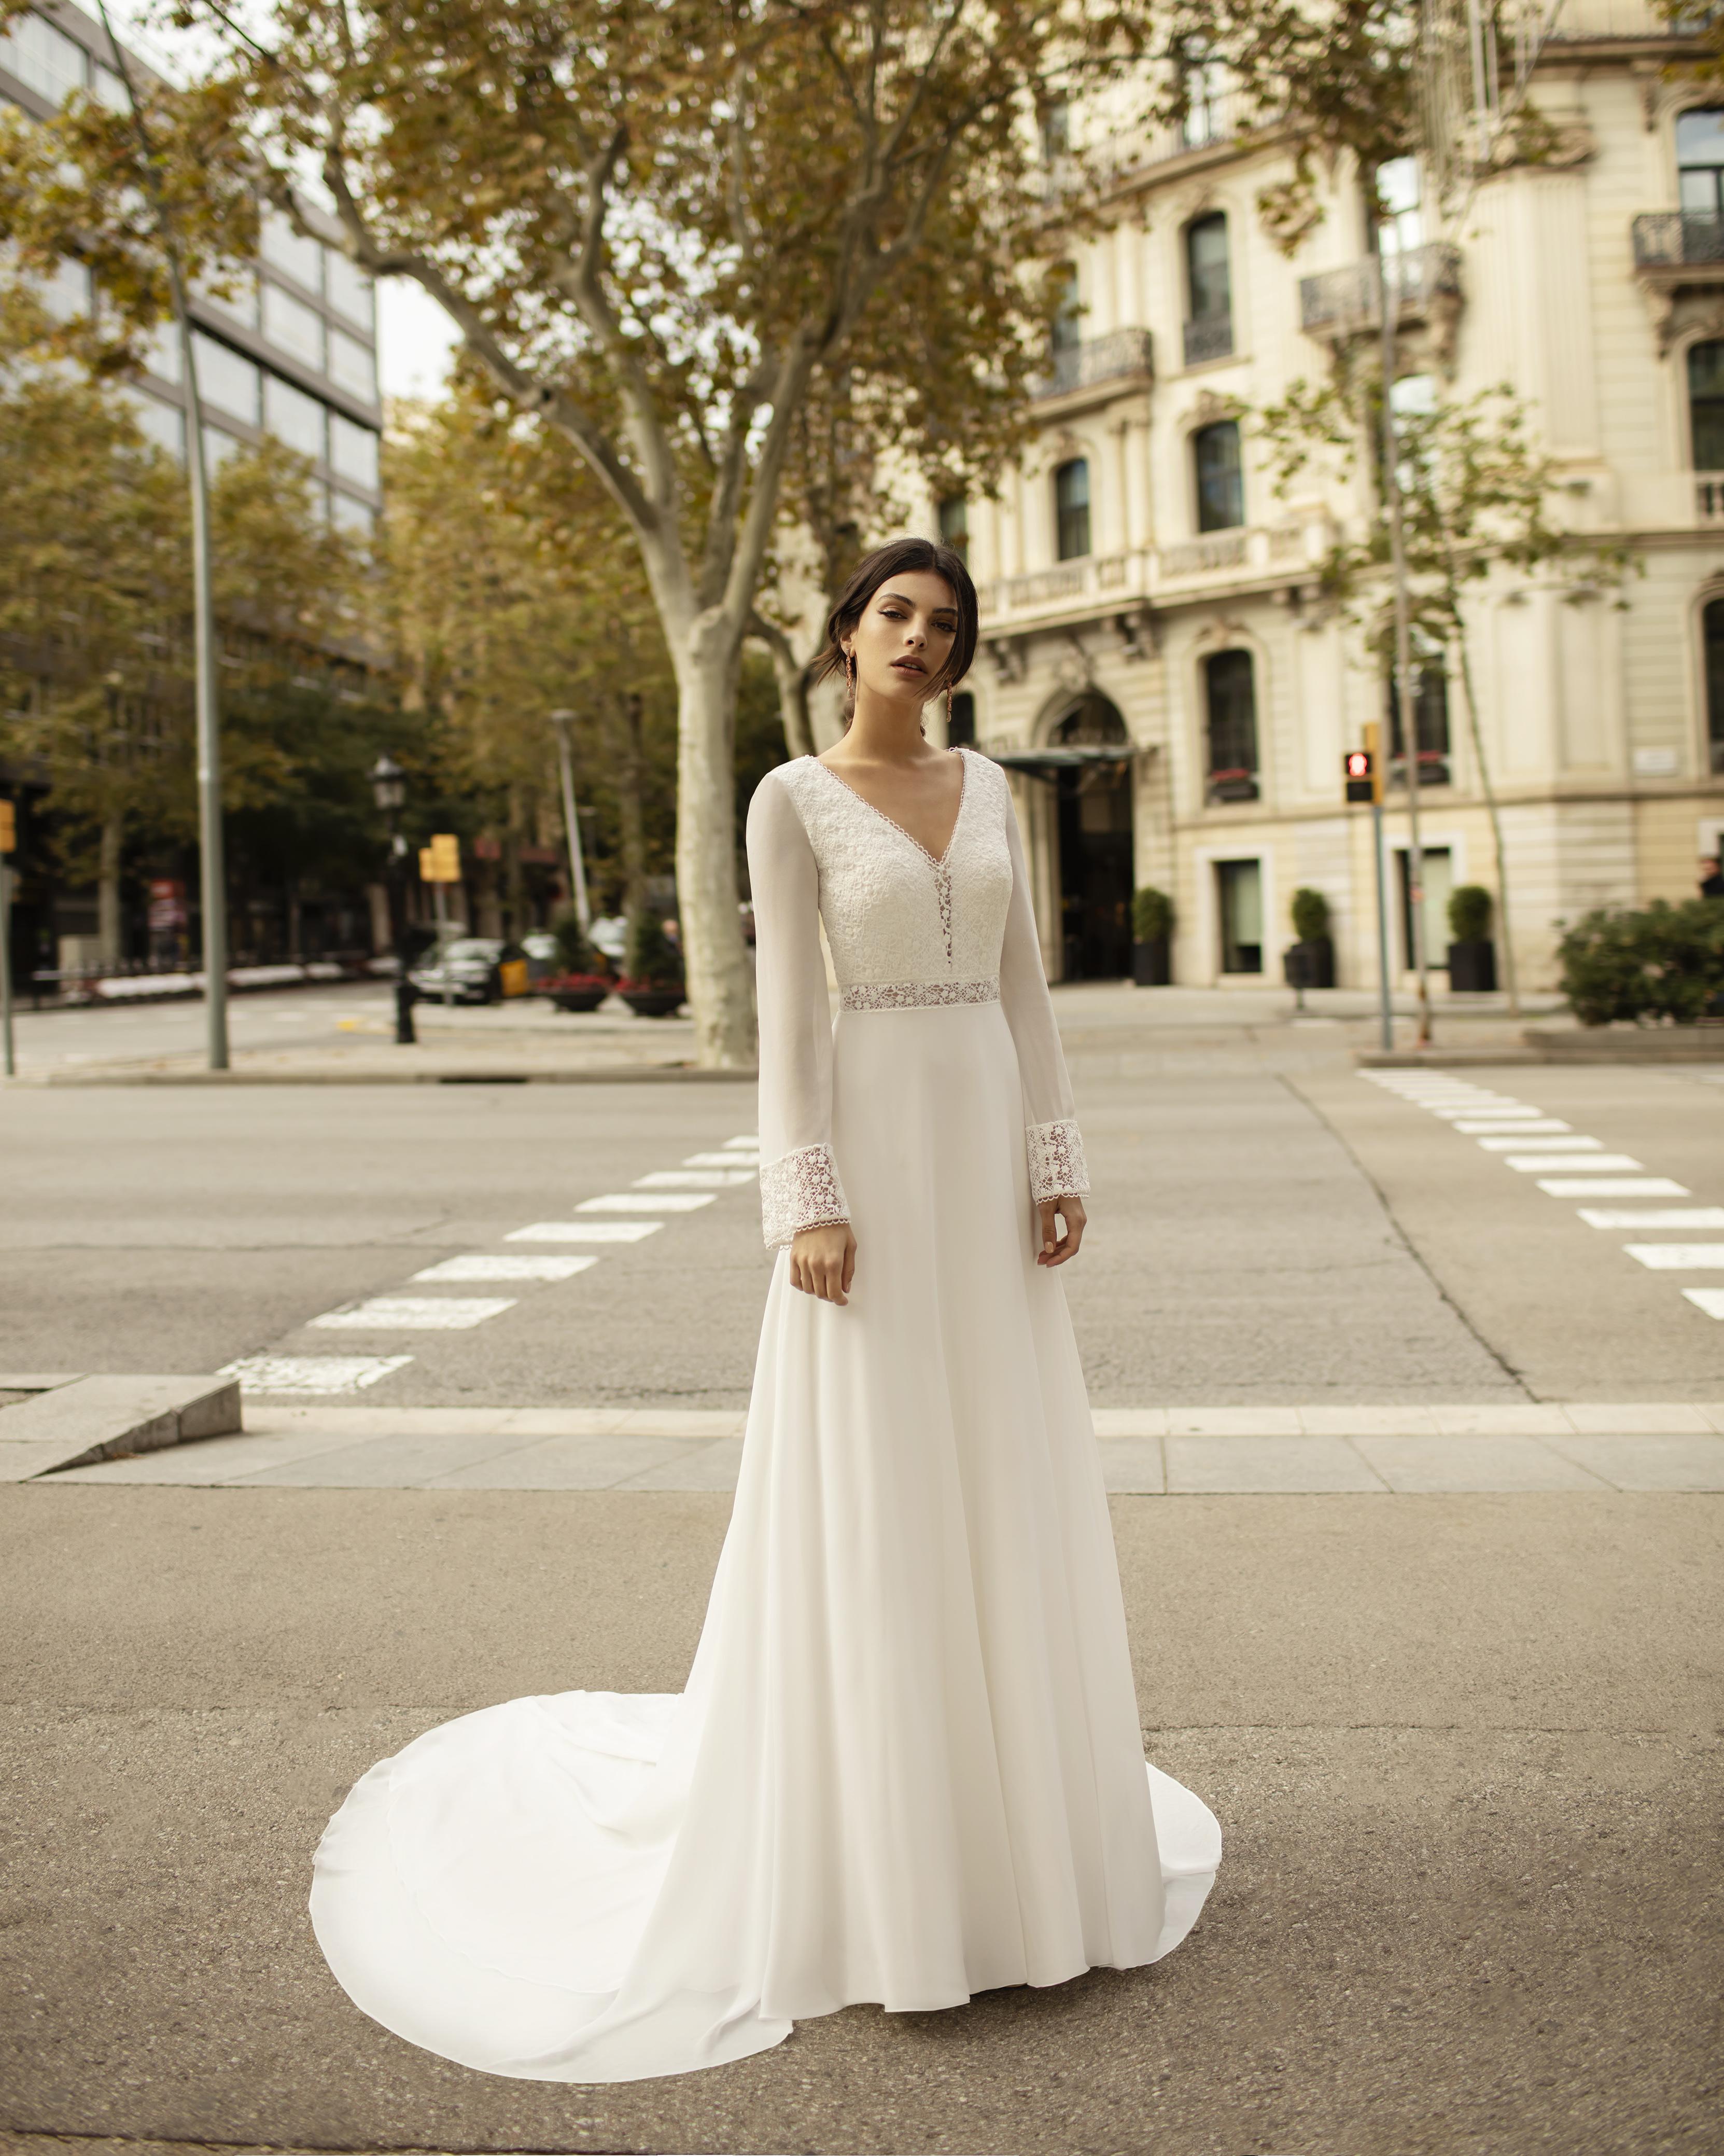 Robe Obice - Collection Alma Novia 2020